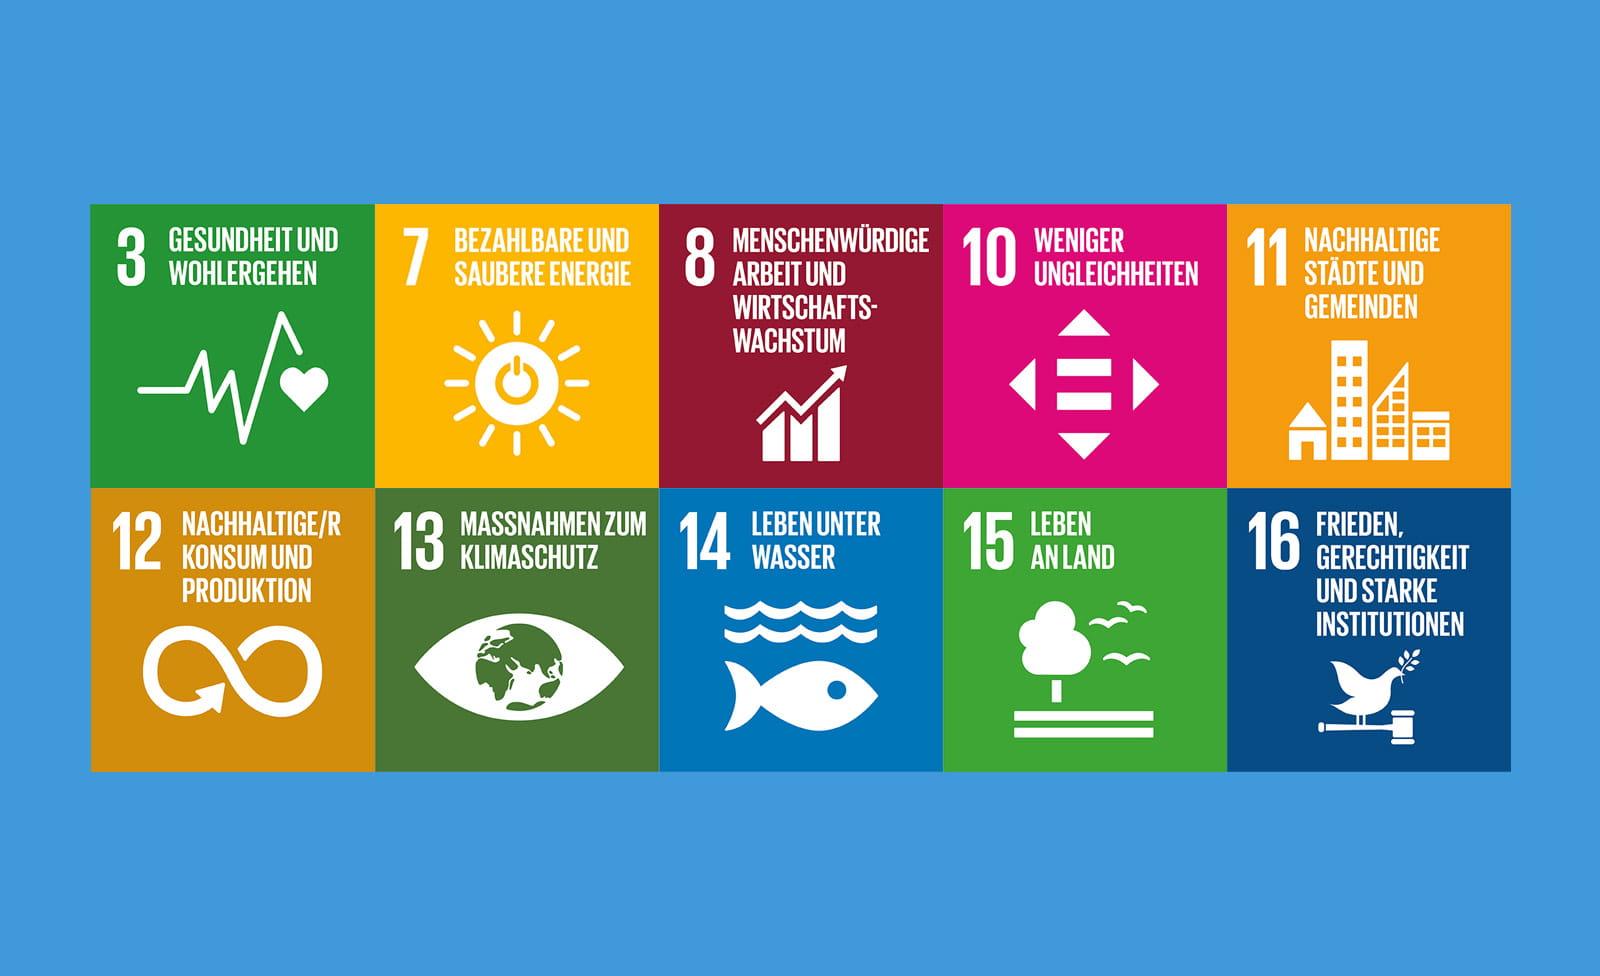 Unsere Nachhaltigkeitsprogramme